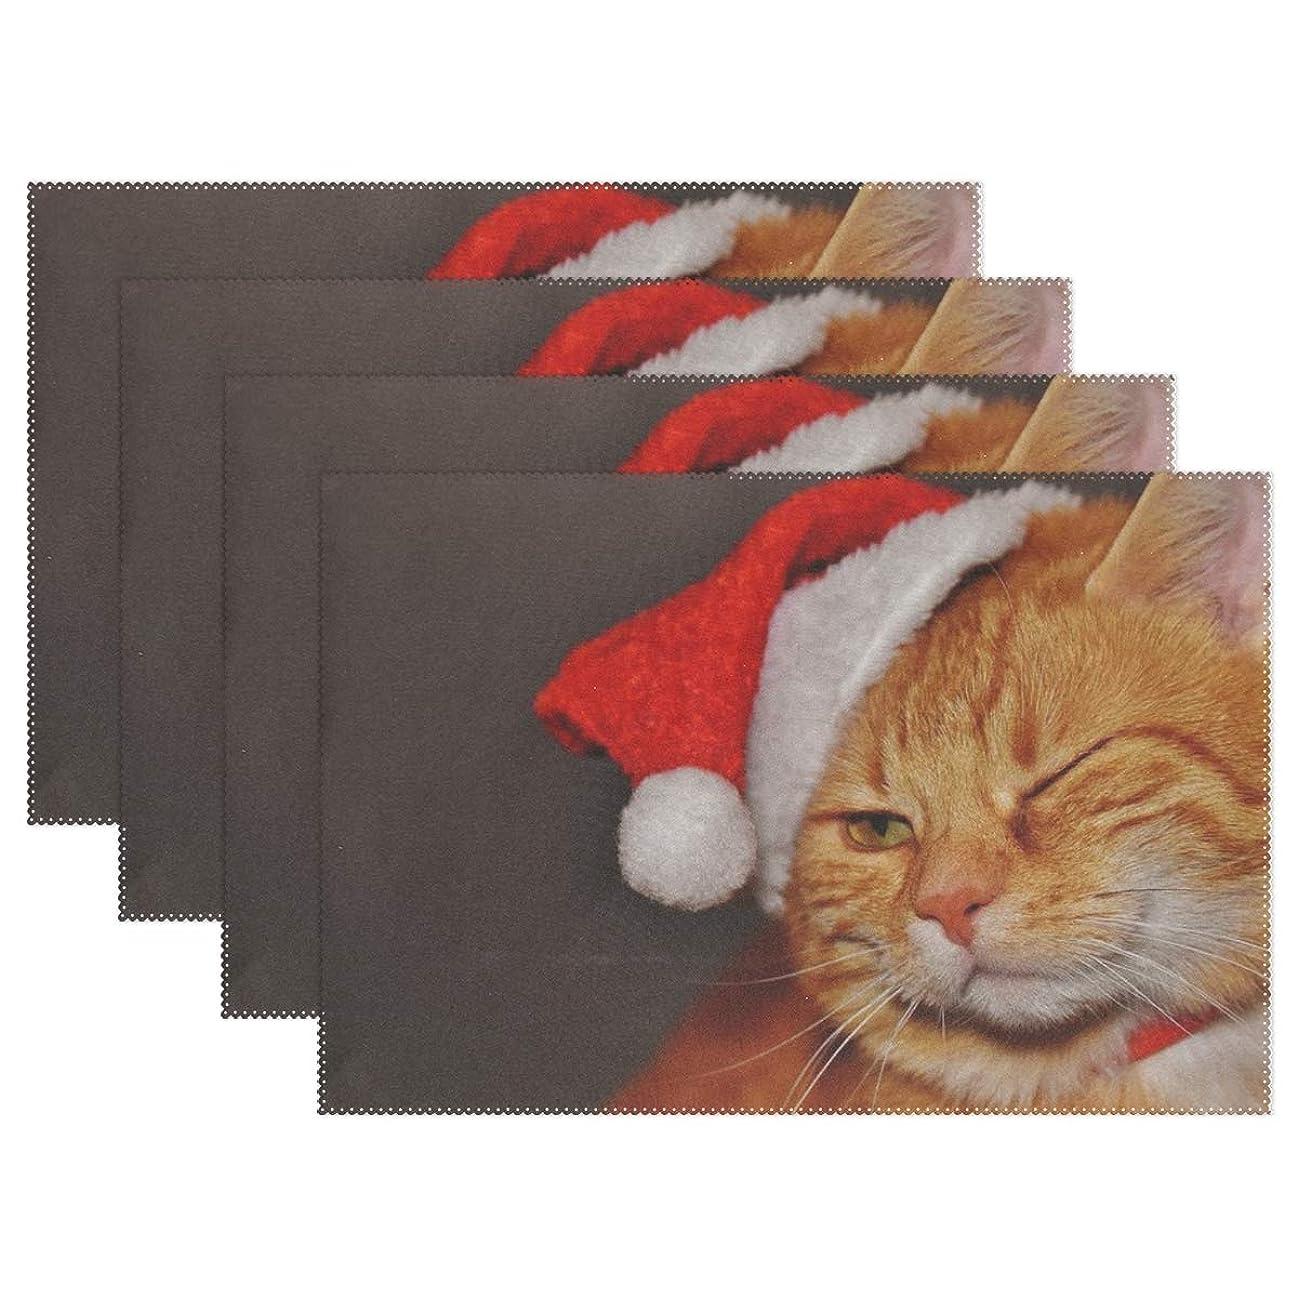 絶えず主婦ワンダーRhスタジオ場所マット猫赤クリスマスサンタ帽子面白いプレートパッドセットの4洗える耐熱汚れ耐性食べるテーブルマットホームディナー装飾